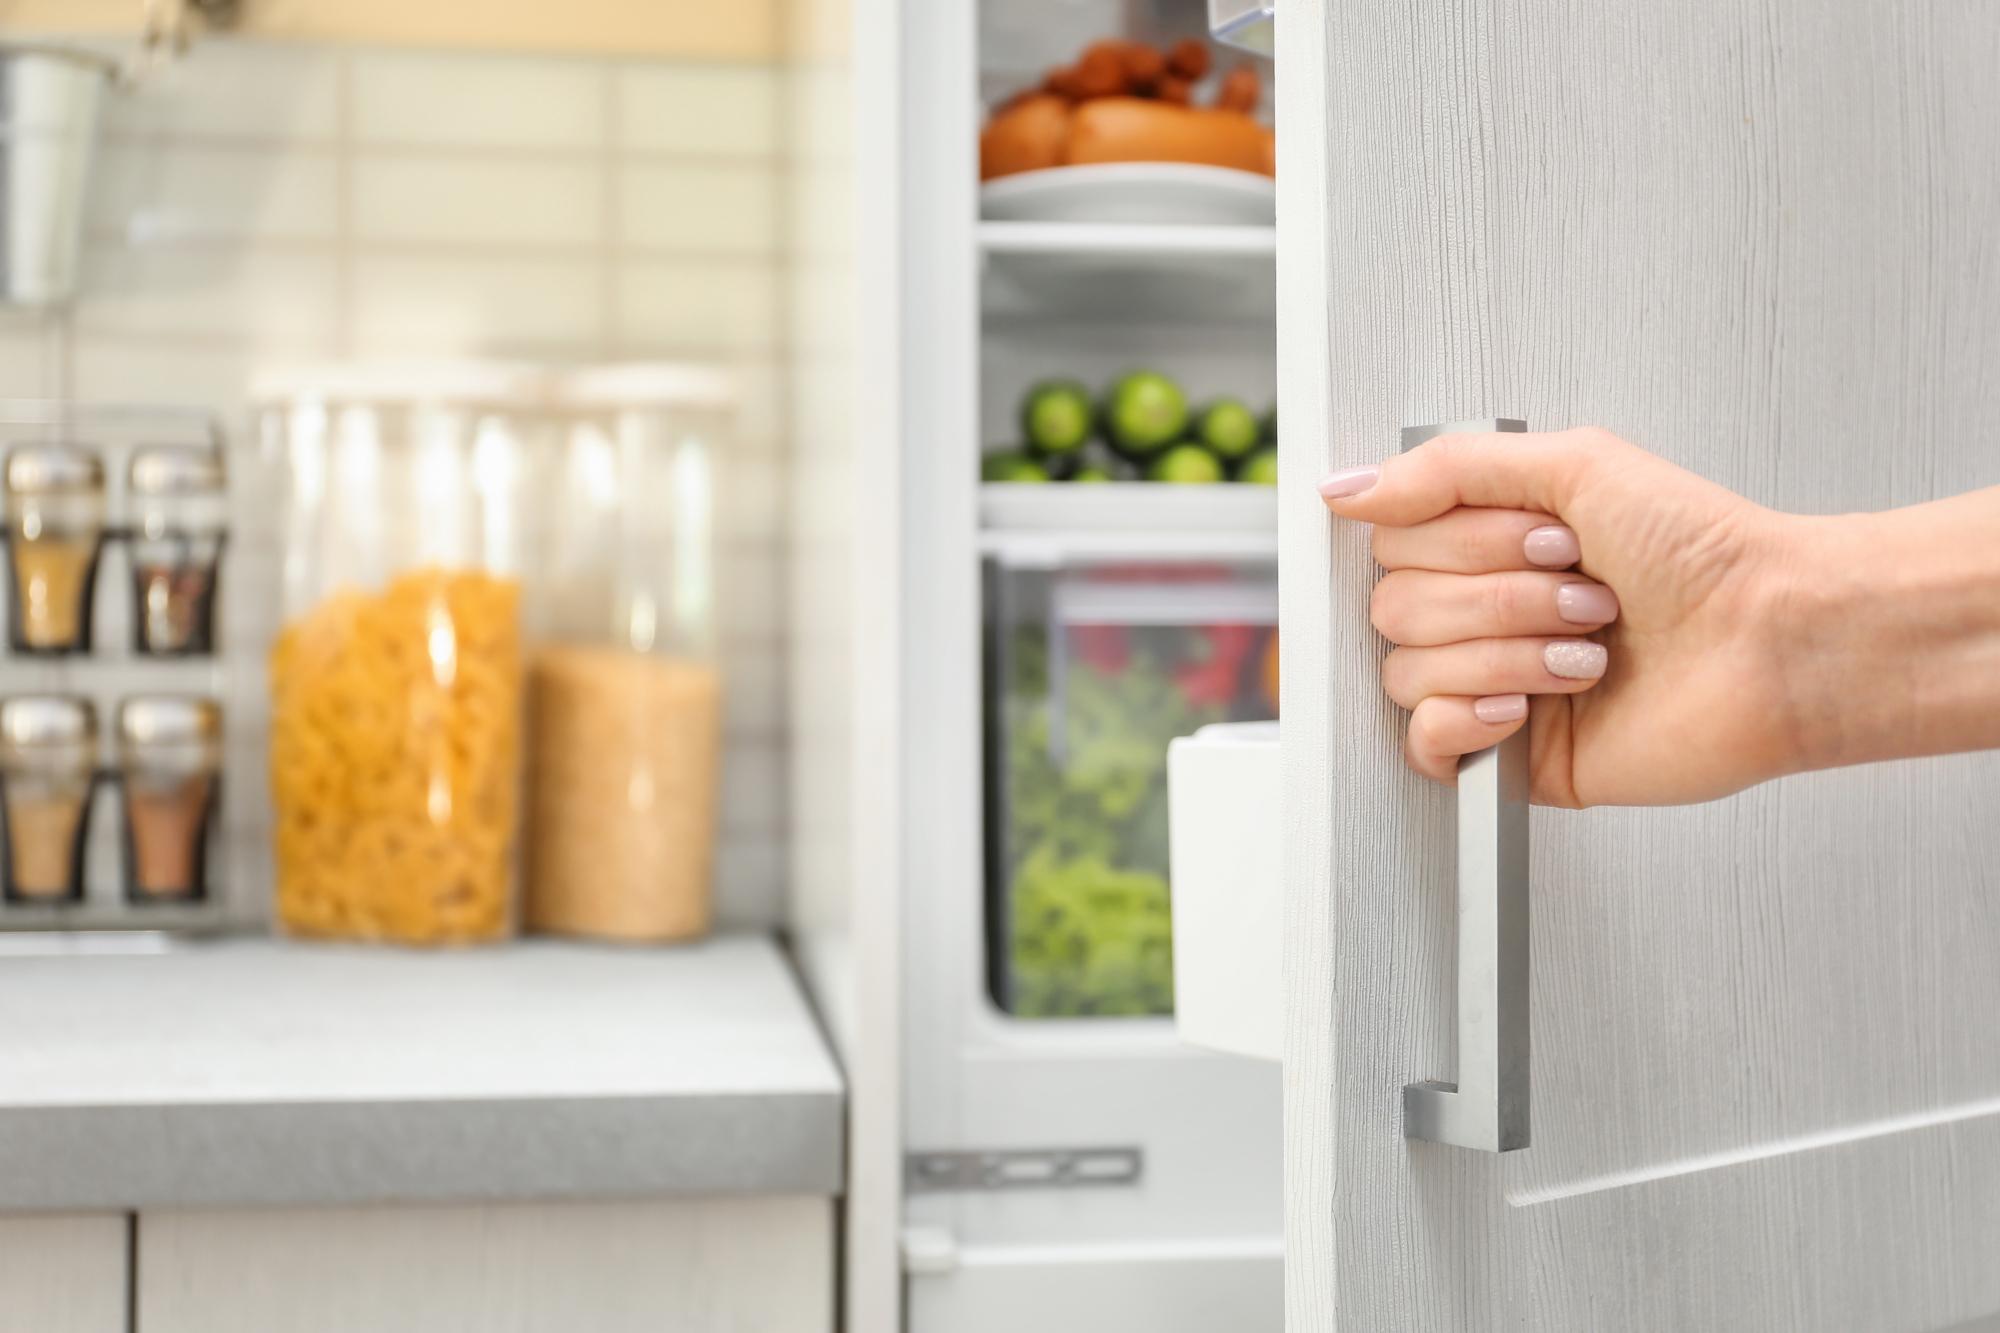 Kühlschrank Gefrierkombination Aldi : Testsieger märz kühl gefrierkombinationen das sind die